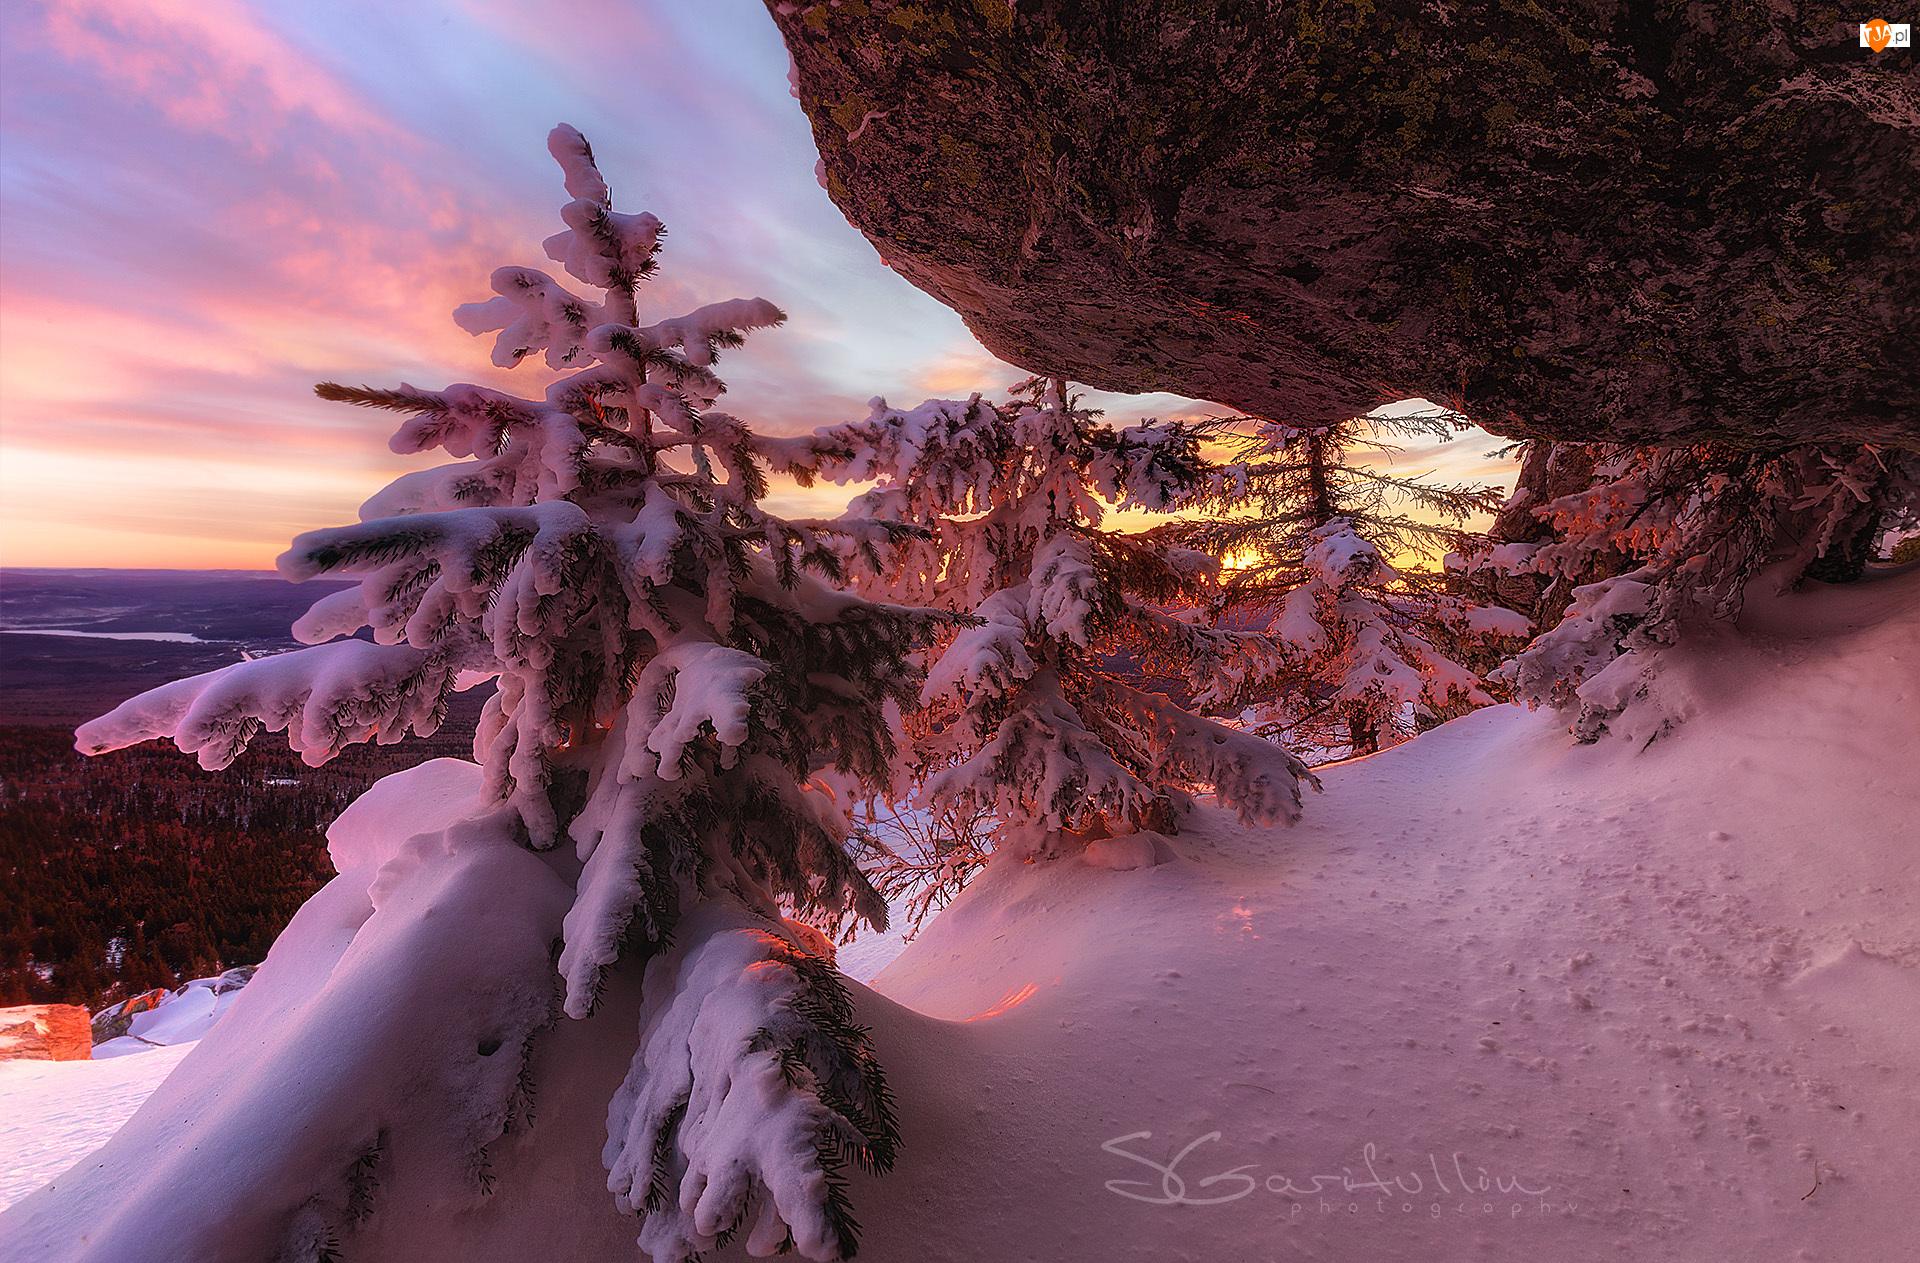 Śnieg, Skała, Drzewa, Zima, Świerki, Ośnieżone, Wschód słońca